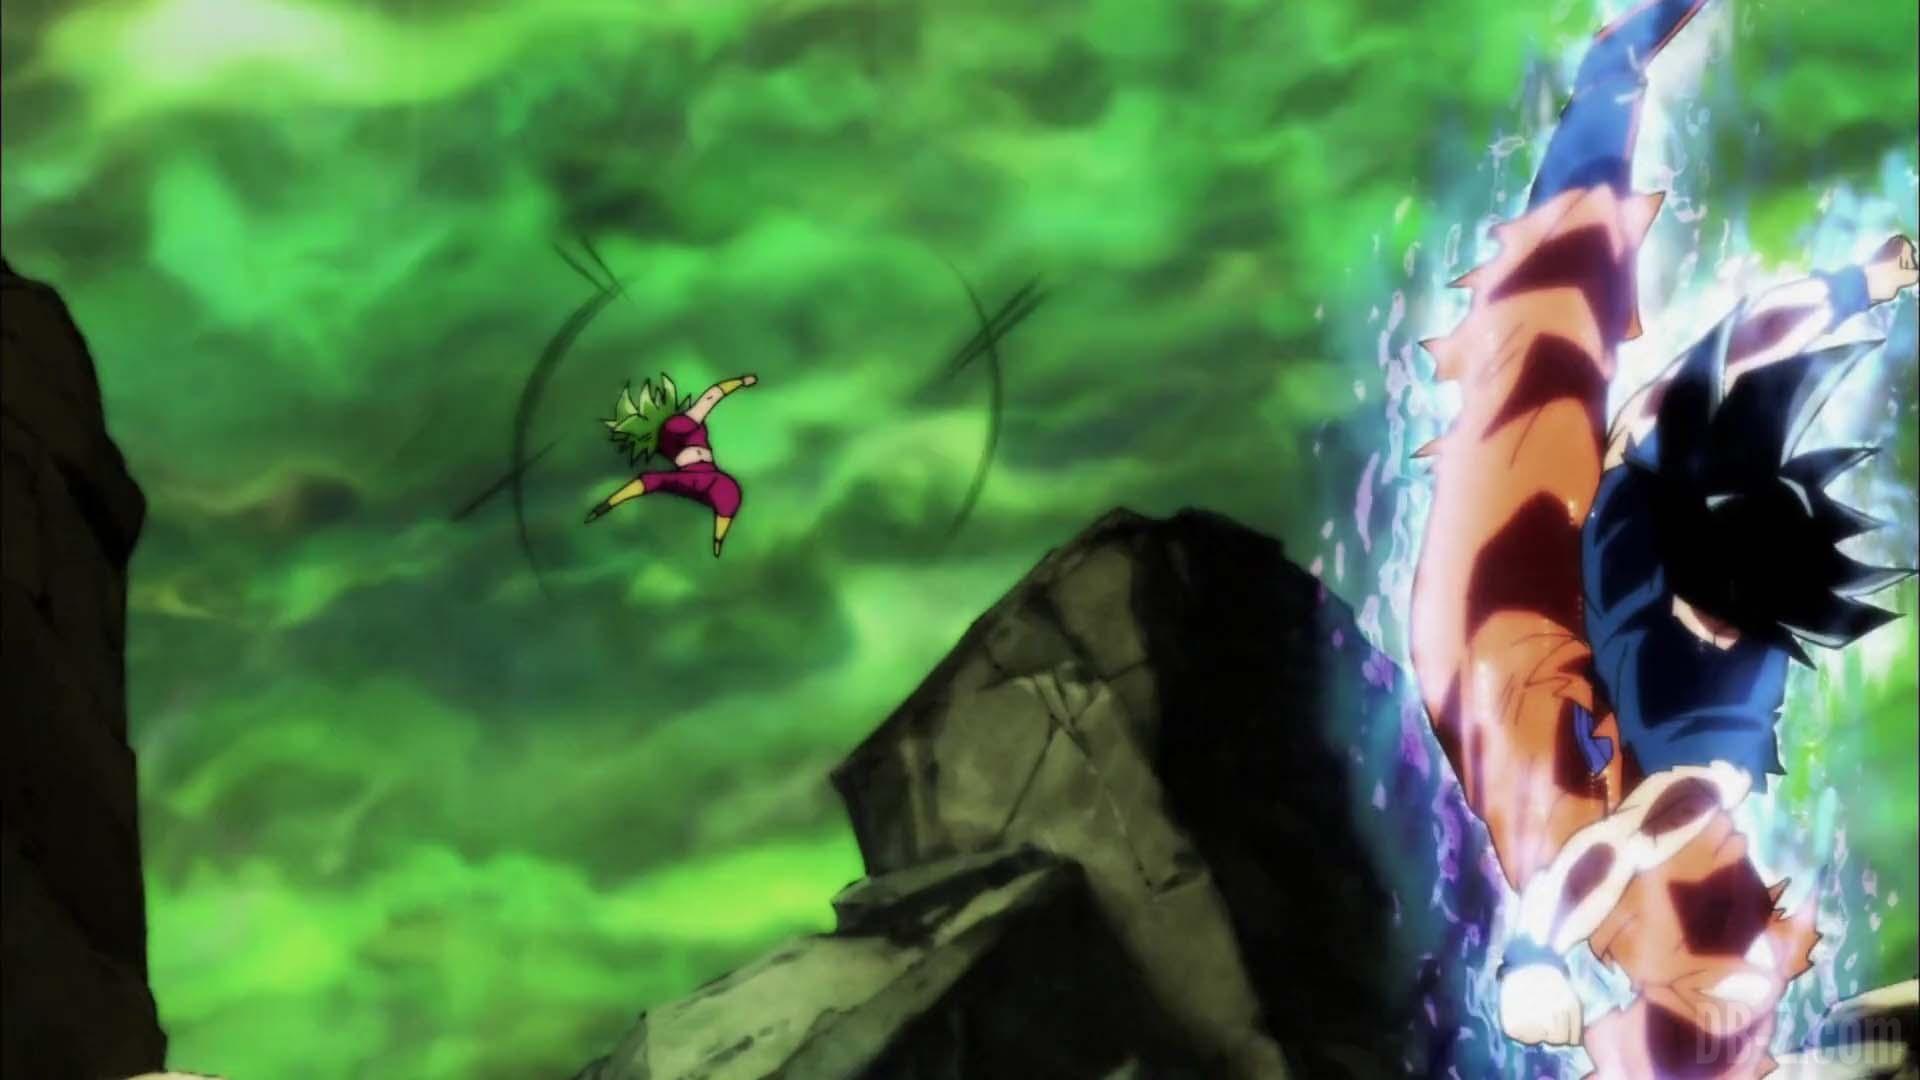 Son Goku parece que no tiene demasiados rivales con este nuevo poder